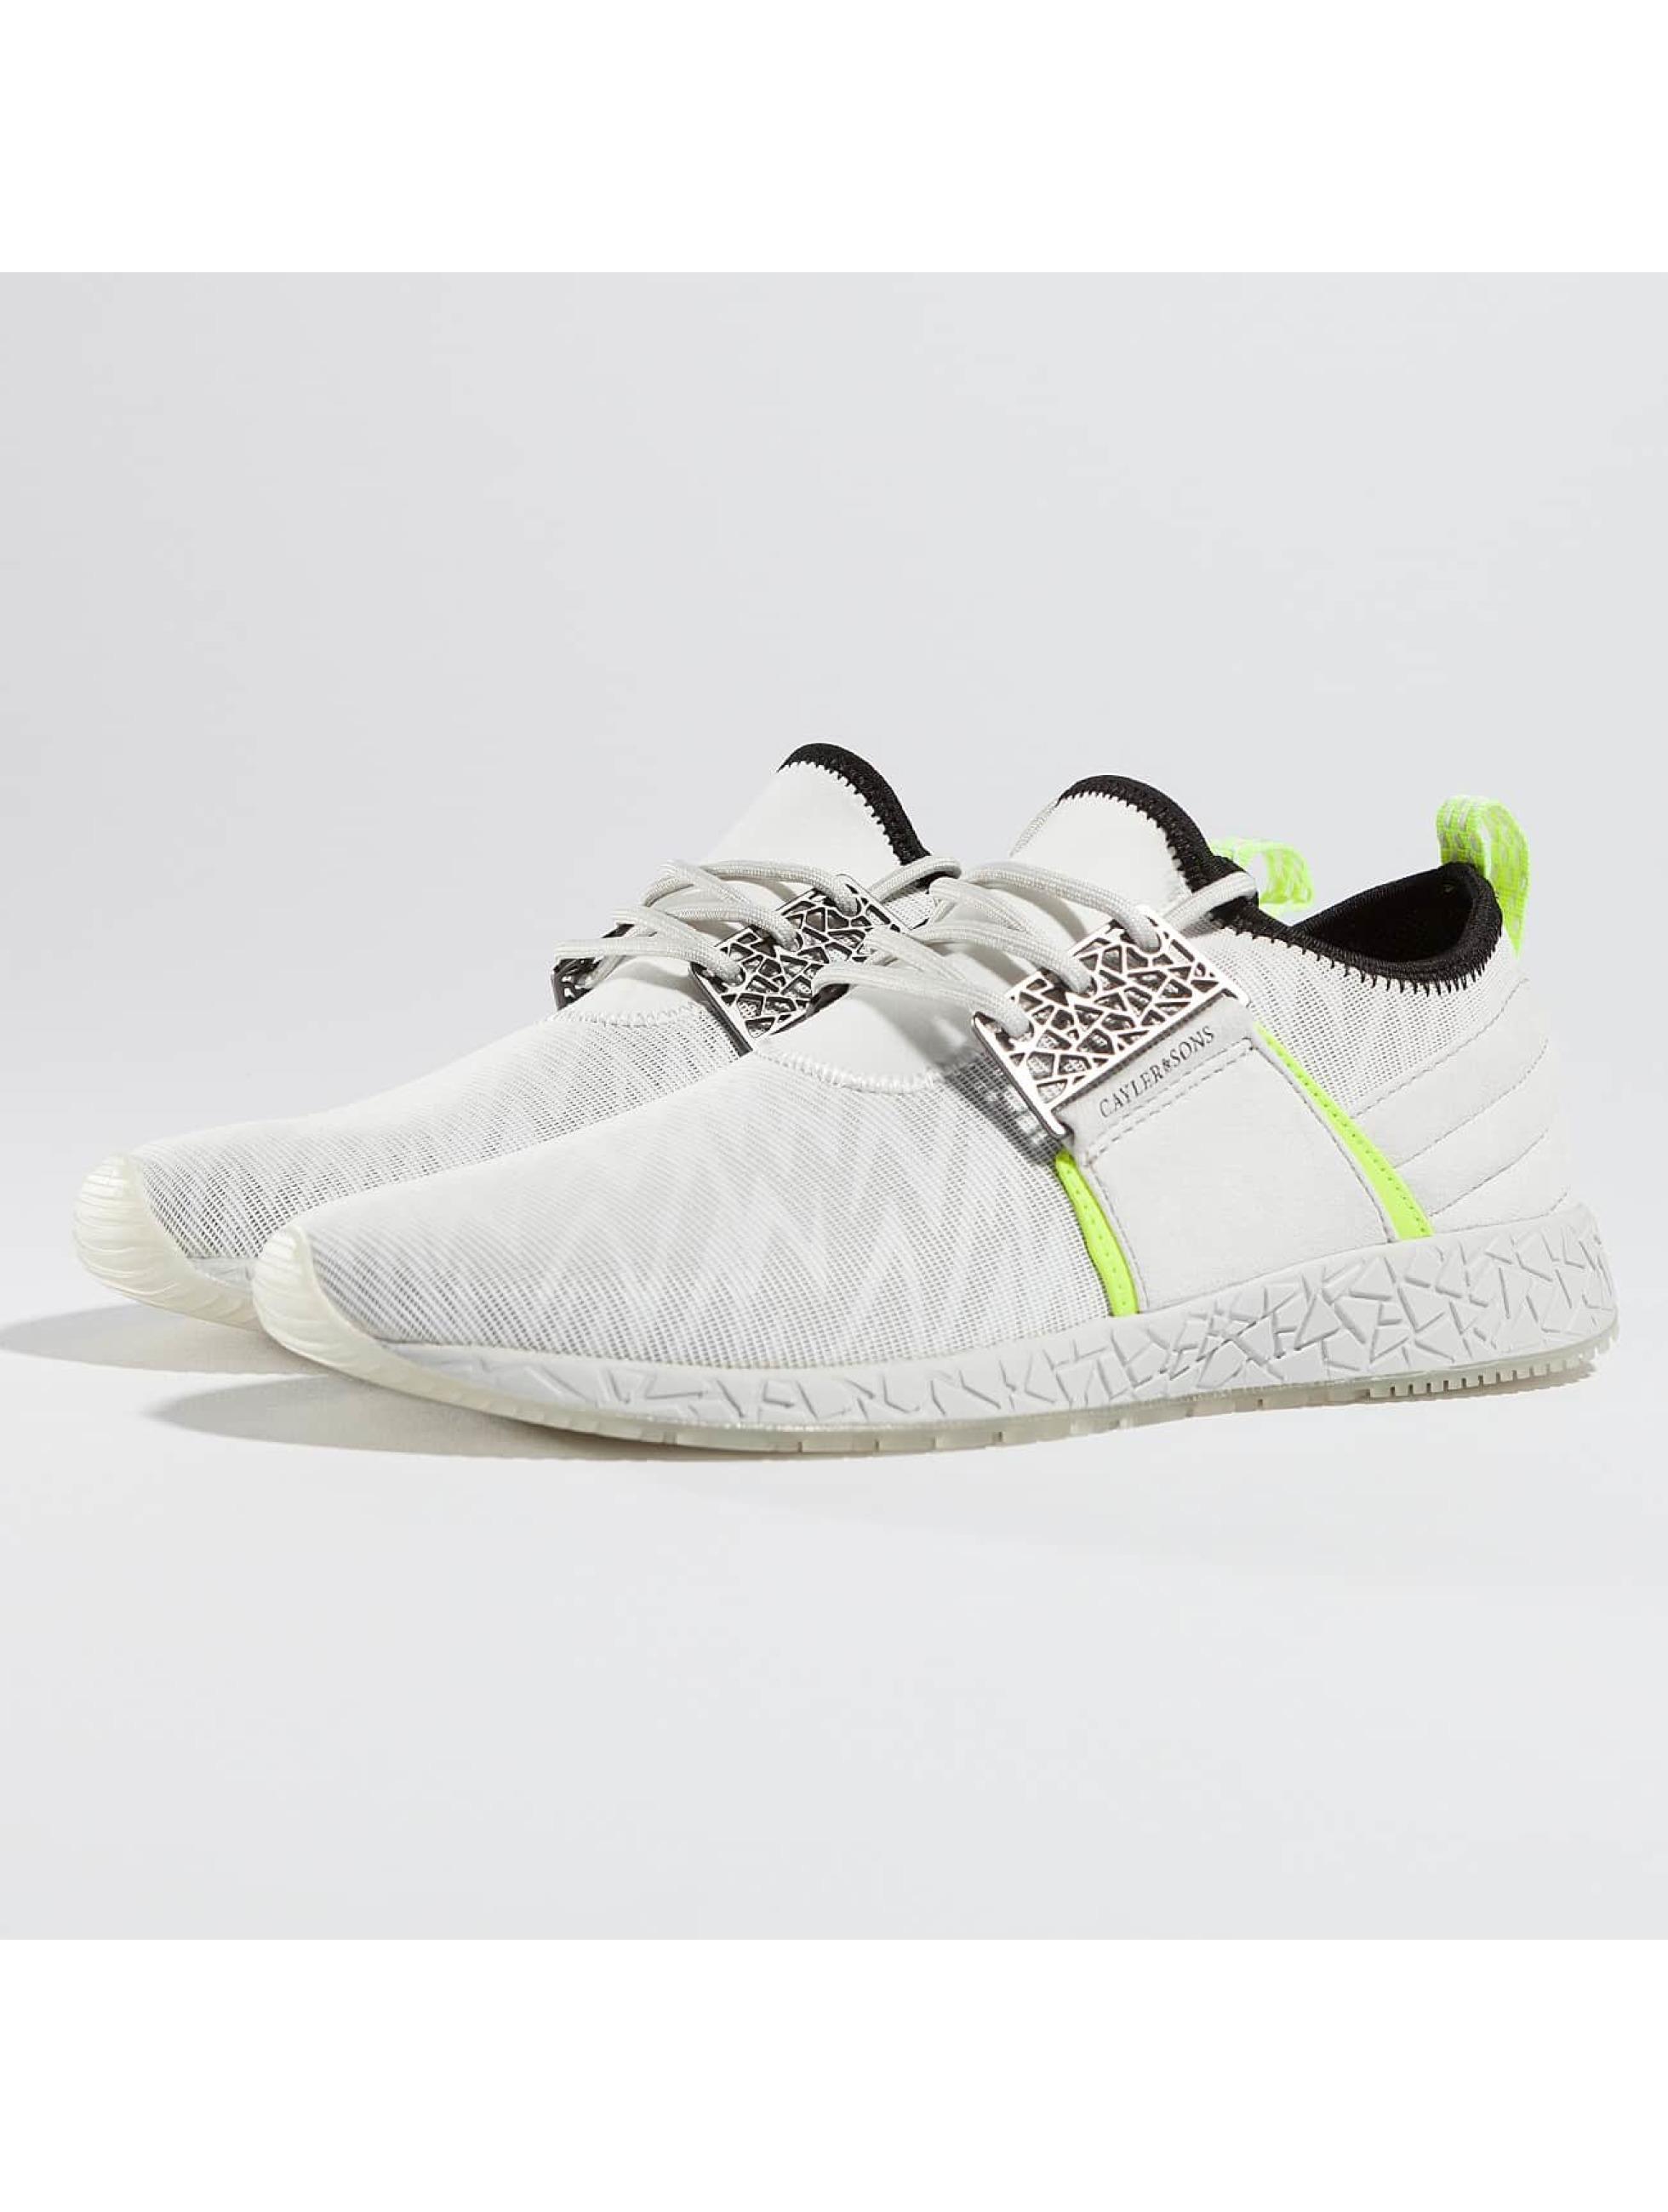 Cayler & Sons sneaker / Kaicho Mid in olijfgroen Lage Verzendkosten Online Geweldige Prijs Goedkope Prijs Outlet Winkel Aanbod MnBiQoIRDb